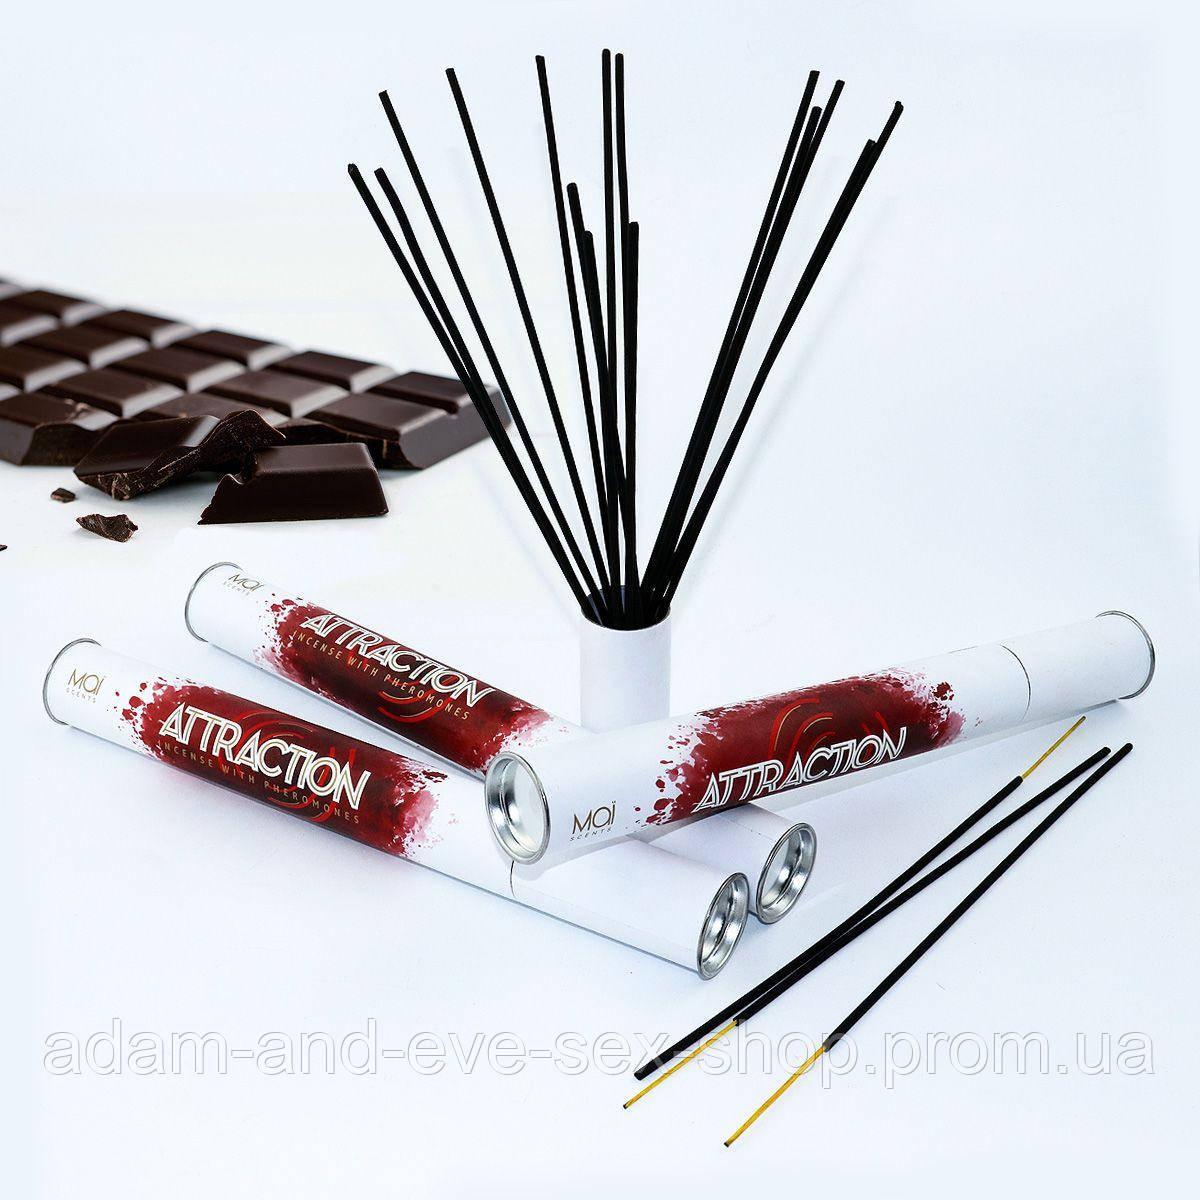 Ароматические палочки с феромонами MAI Chocolate (20 шт)